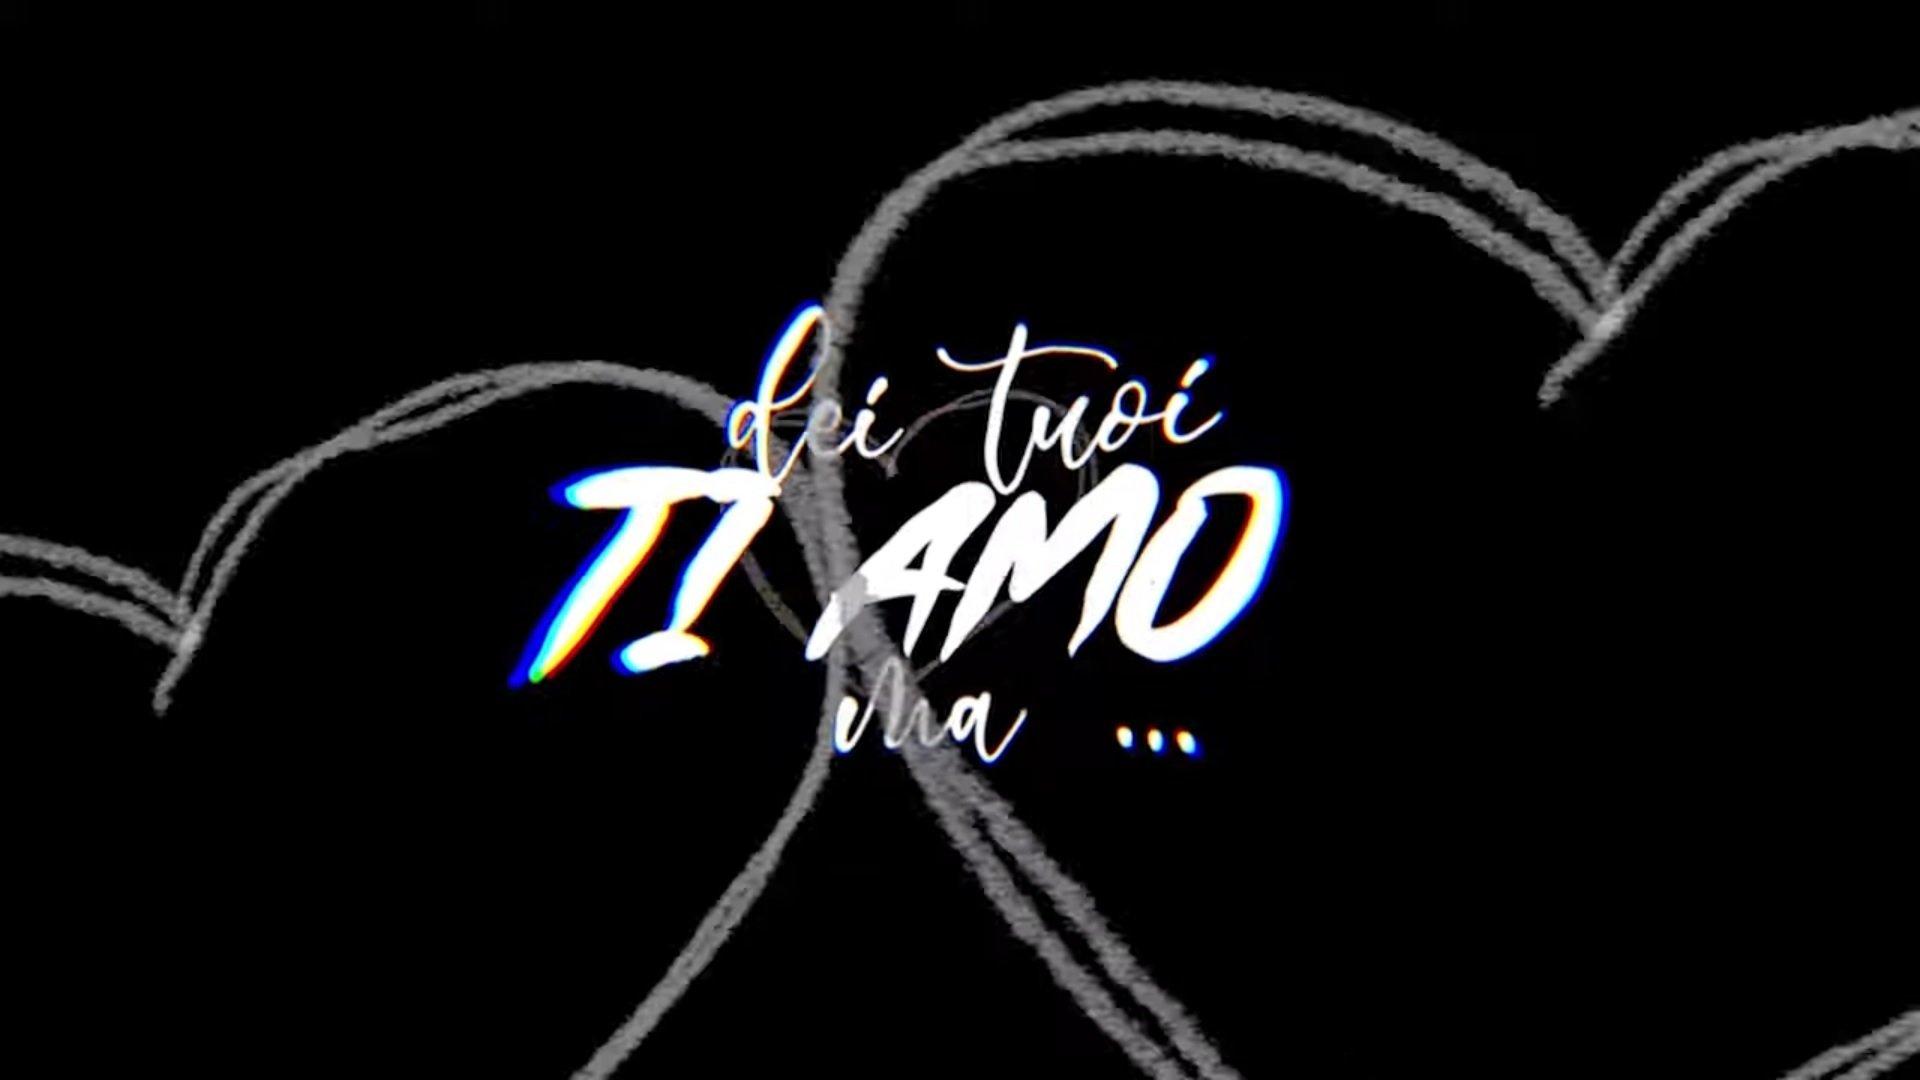 Tecla feat. Alfa Ti amo ma